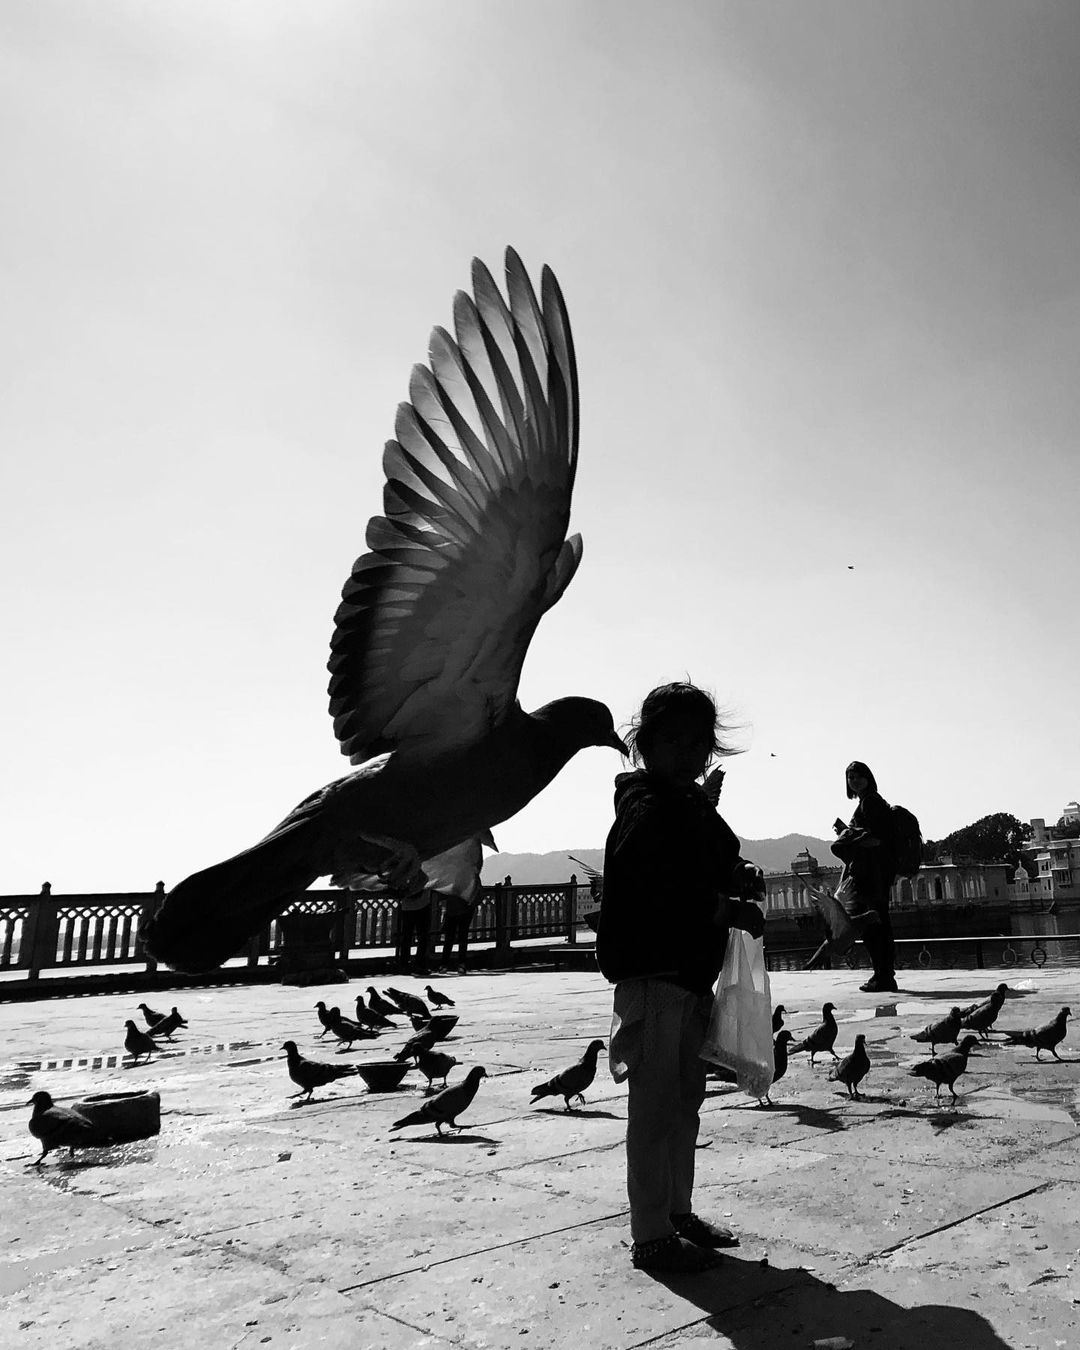 Замечательные уличные снимки от Димпи Бхалотия